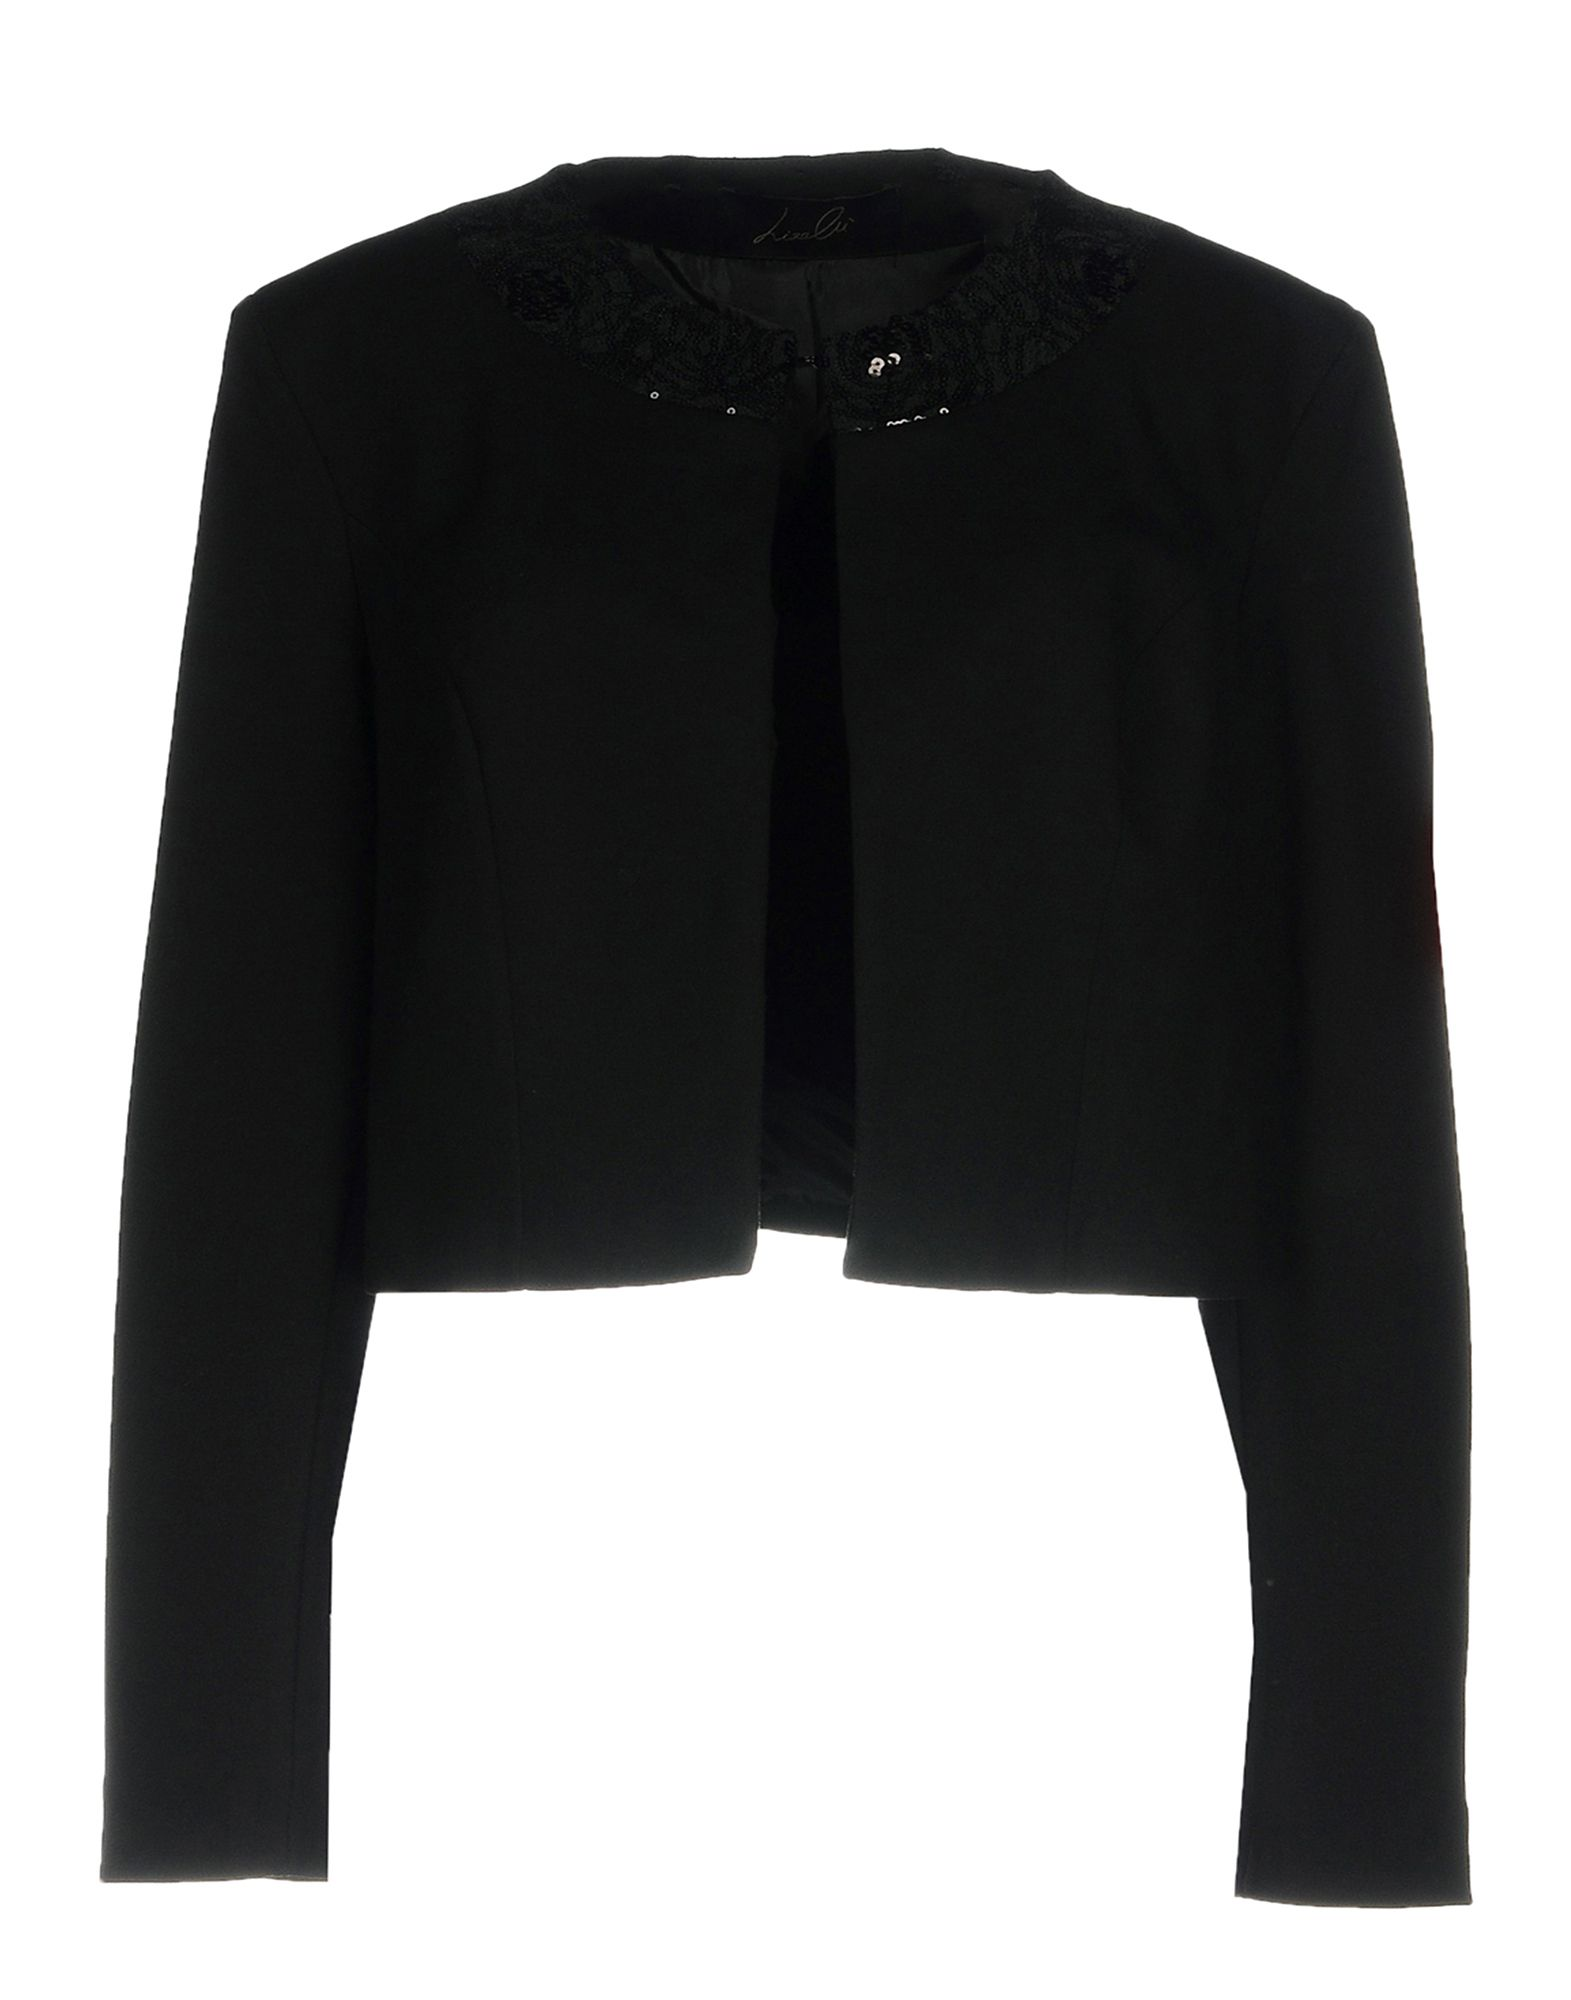 《期間限定セール中》LIZALU' レディース テーラードジャケット ブラック 46 レーヨン 68% / ナイロン 27% / ポリウレタン 5%